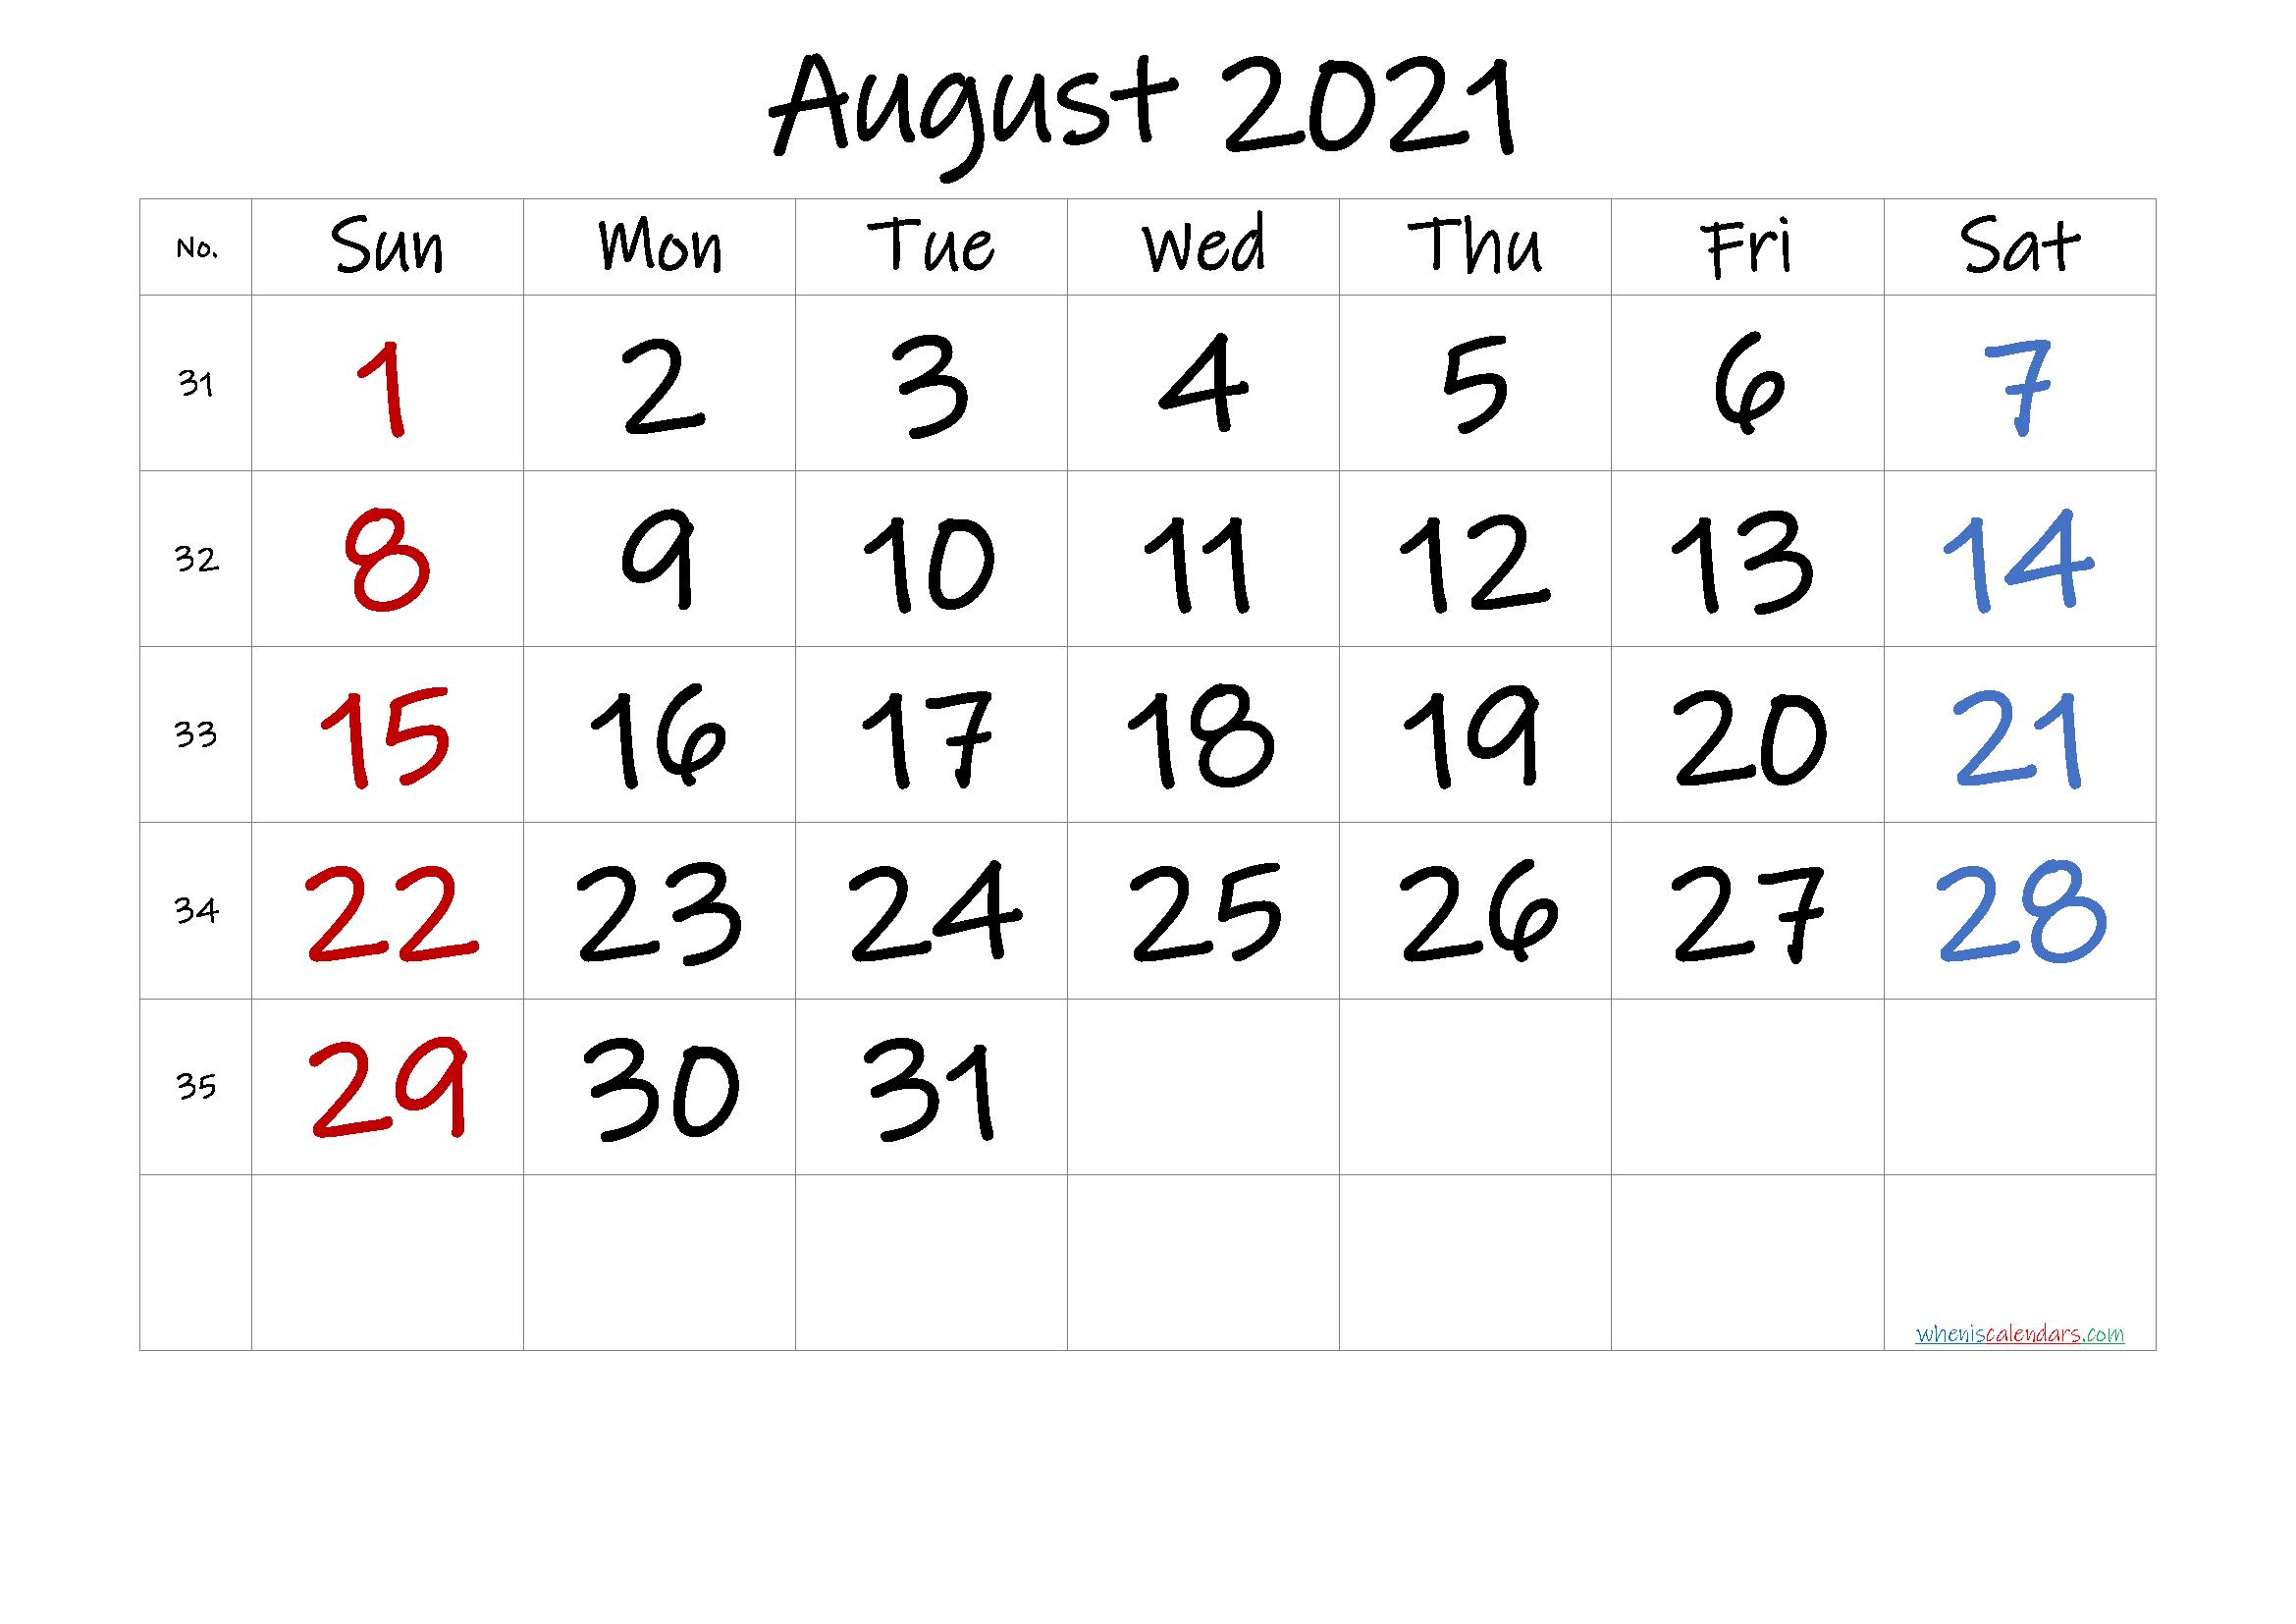 Free August 2021 Calendar with Week Numbers